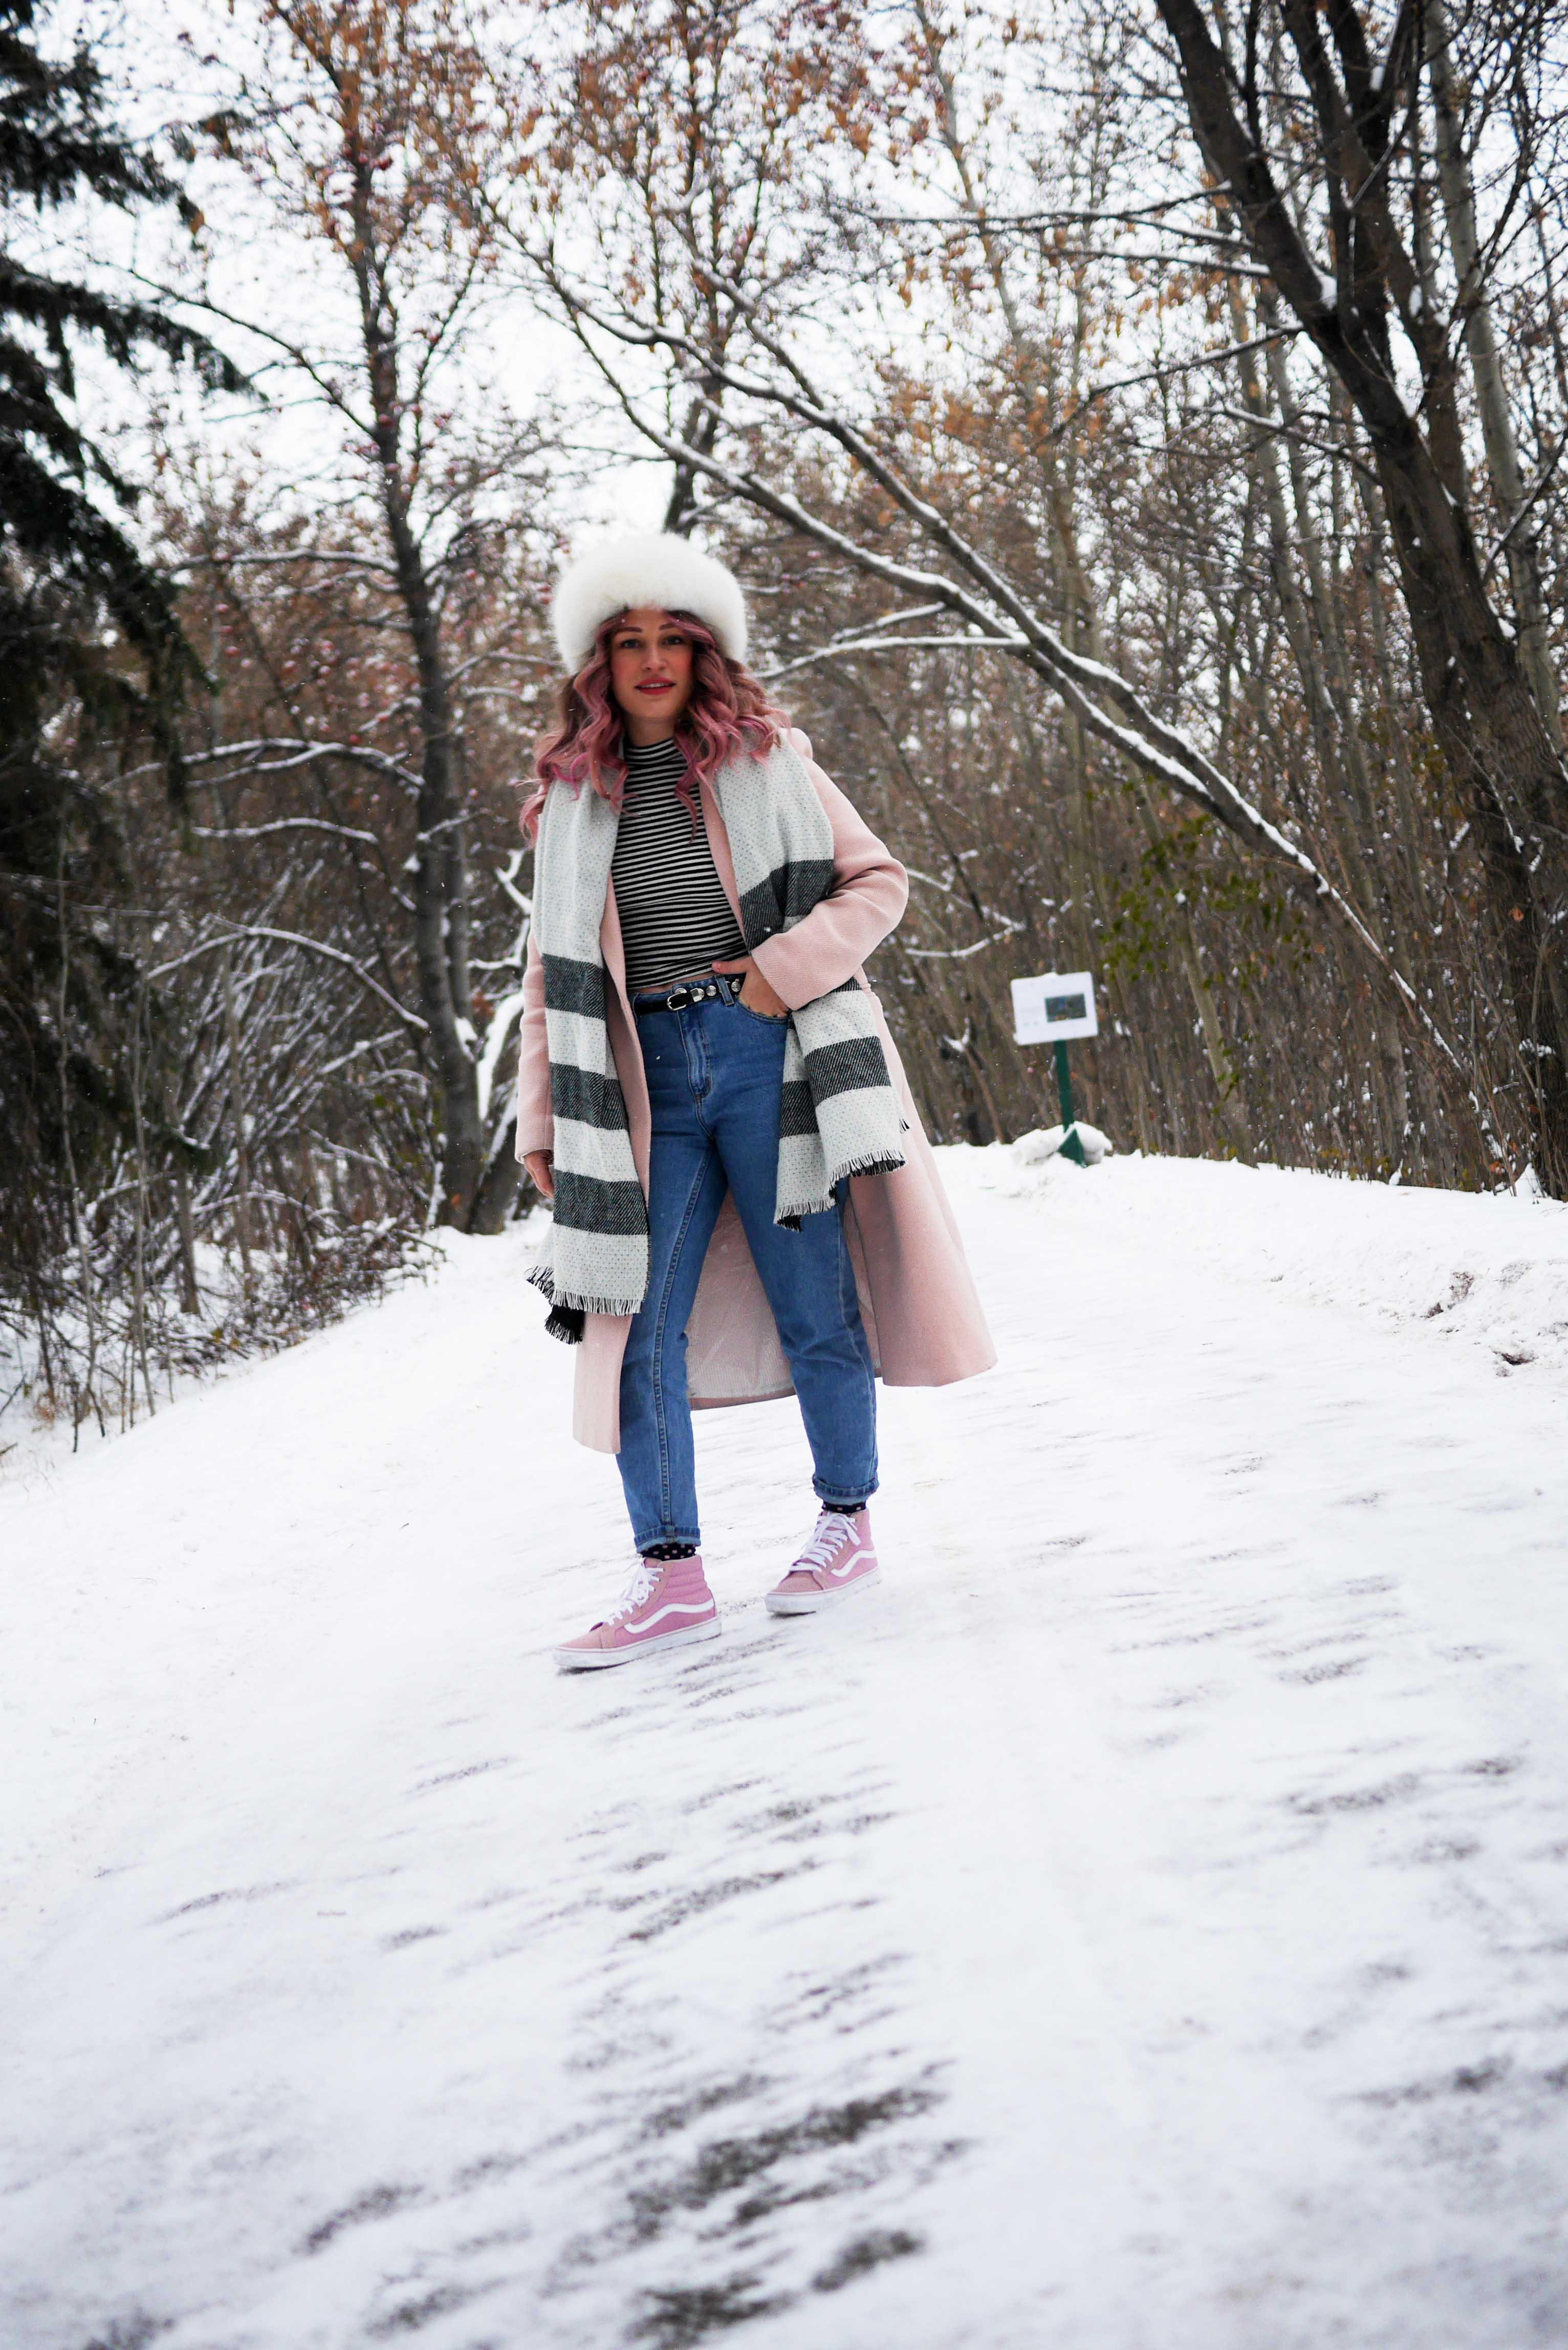 winter-wonderland-style-4